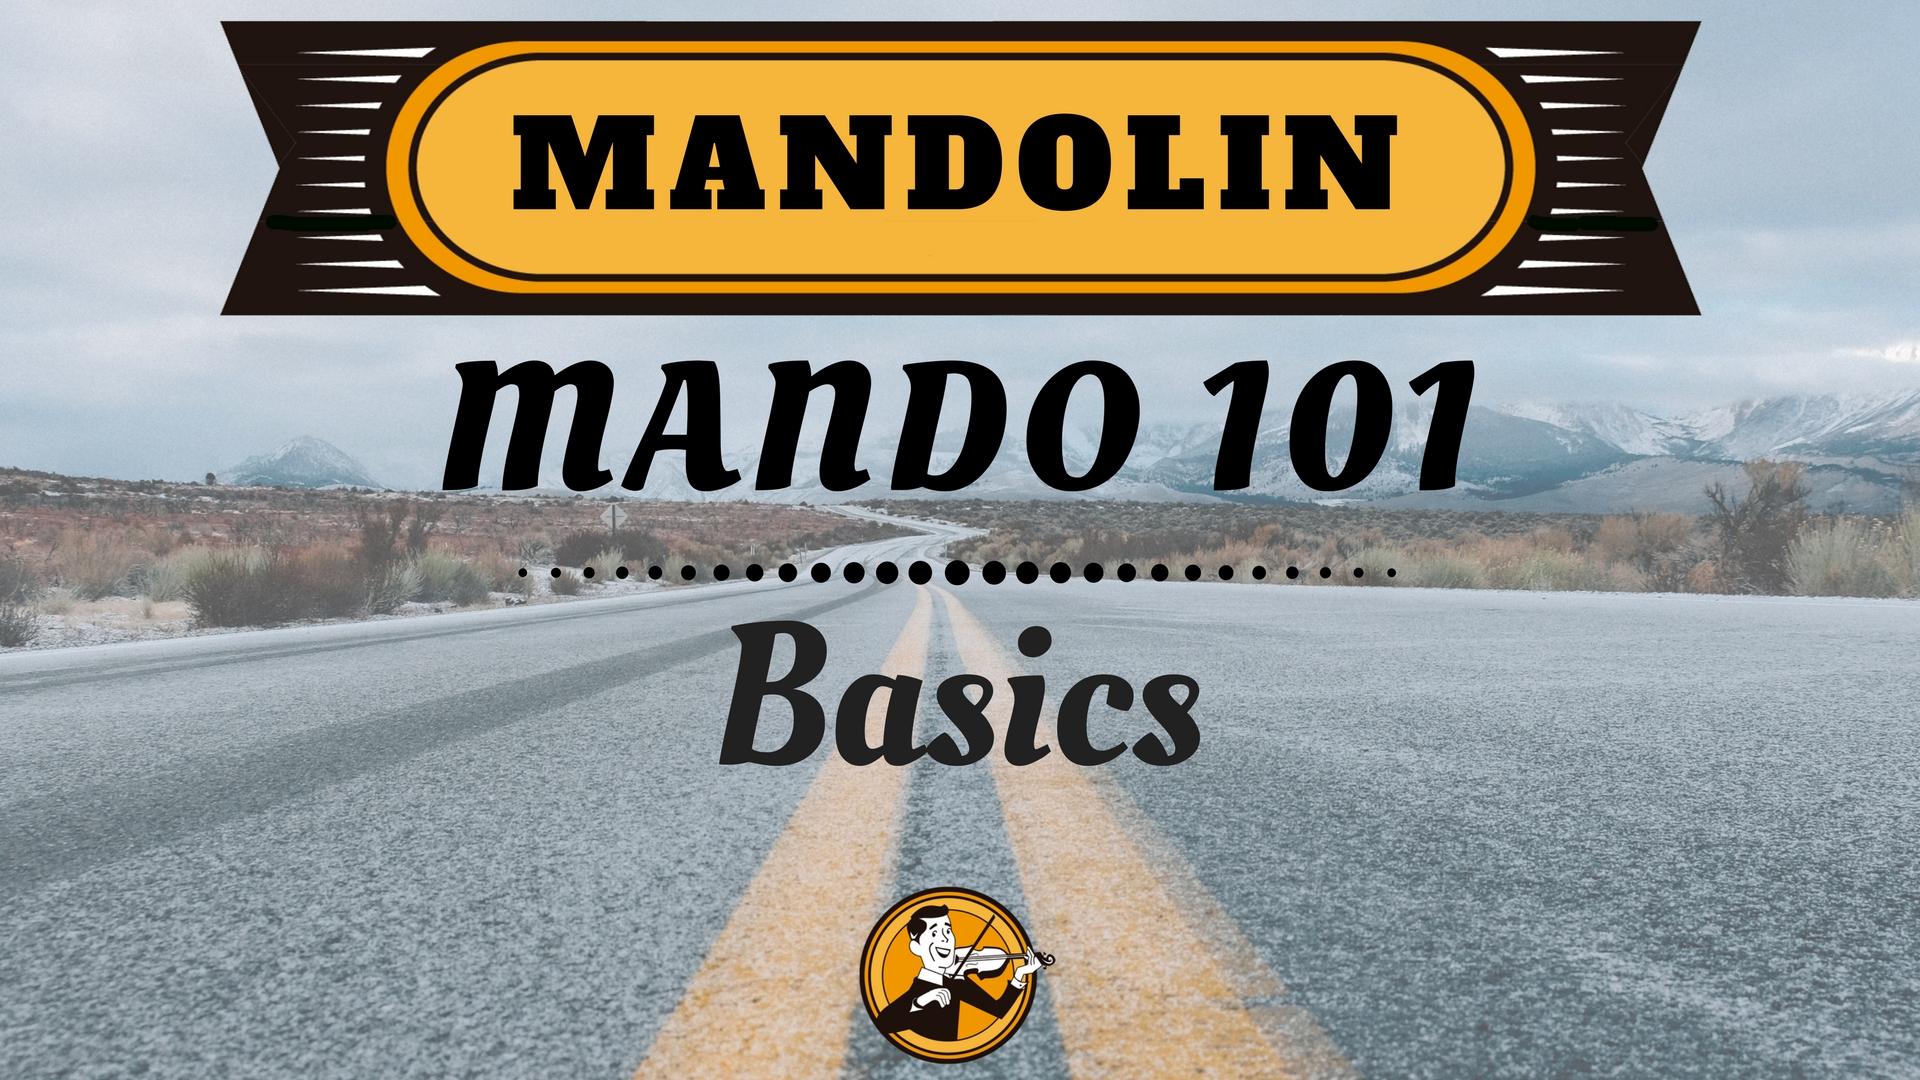 Mando 101 BASICS (1)